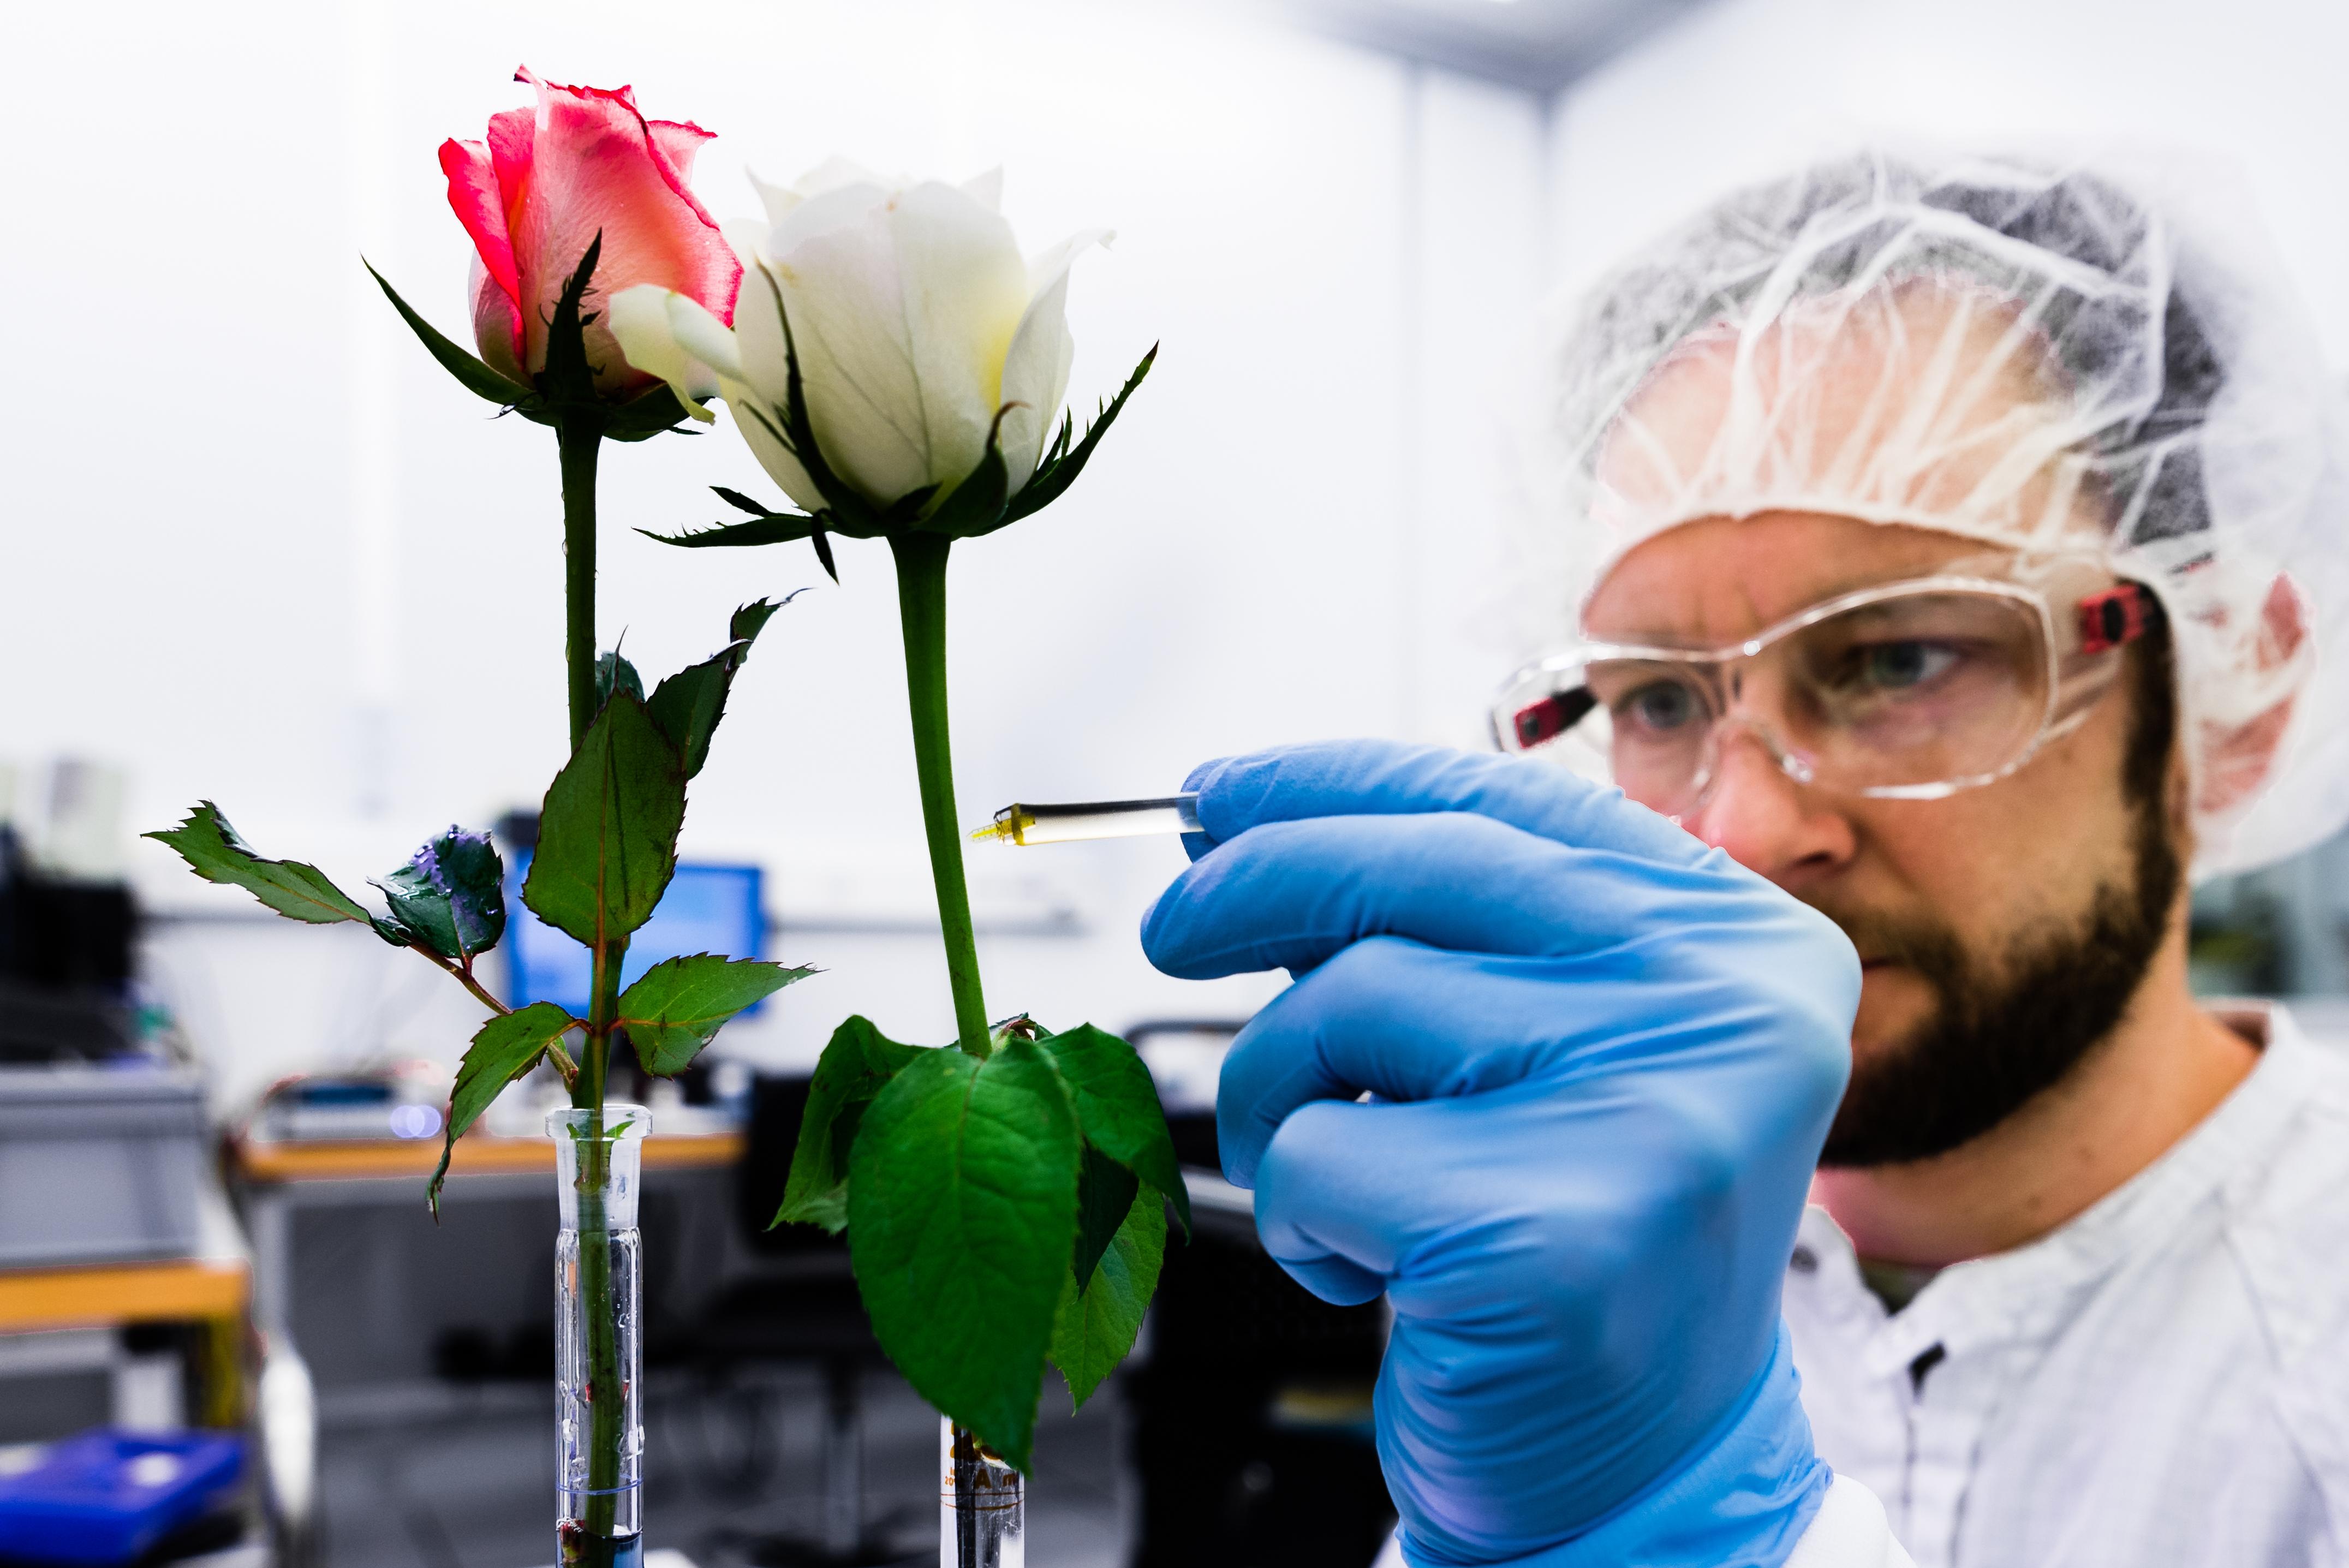 Elektronik styr plantans tillväxt - Linköpings universitet 27d0a92dd4356